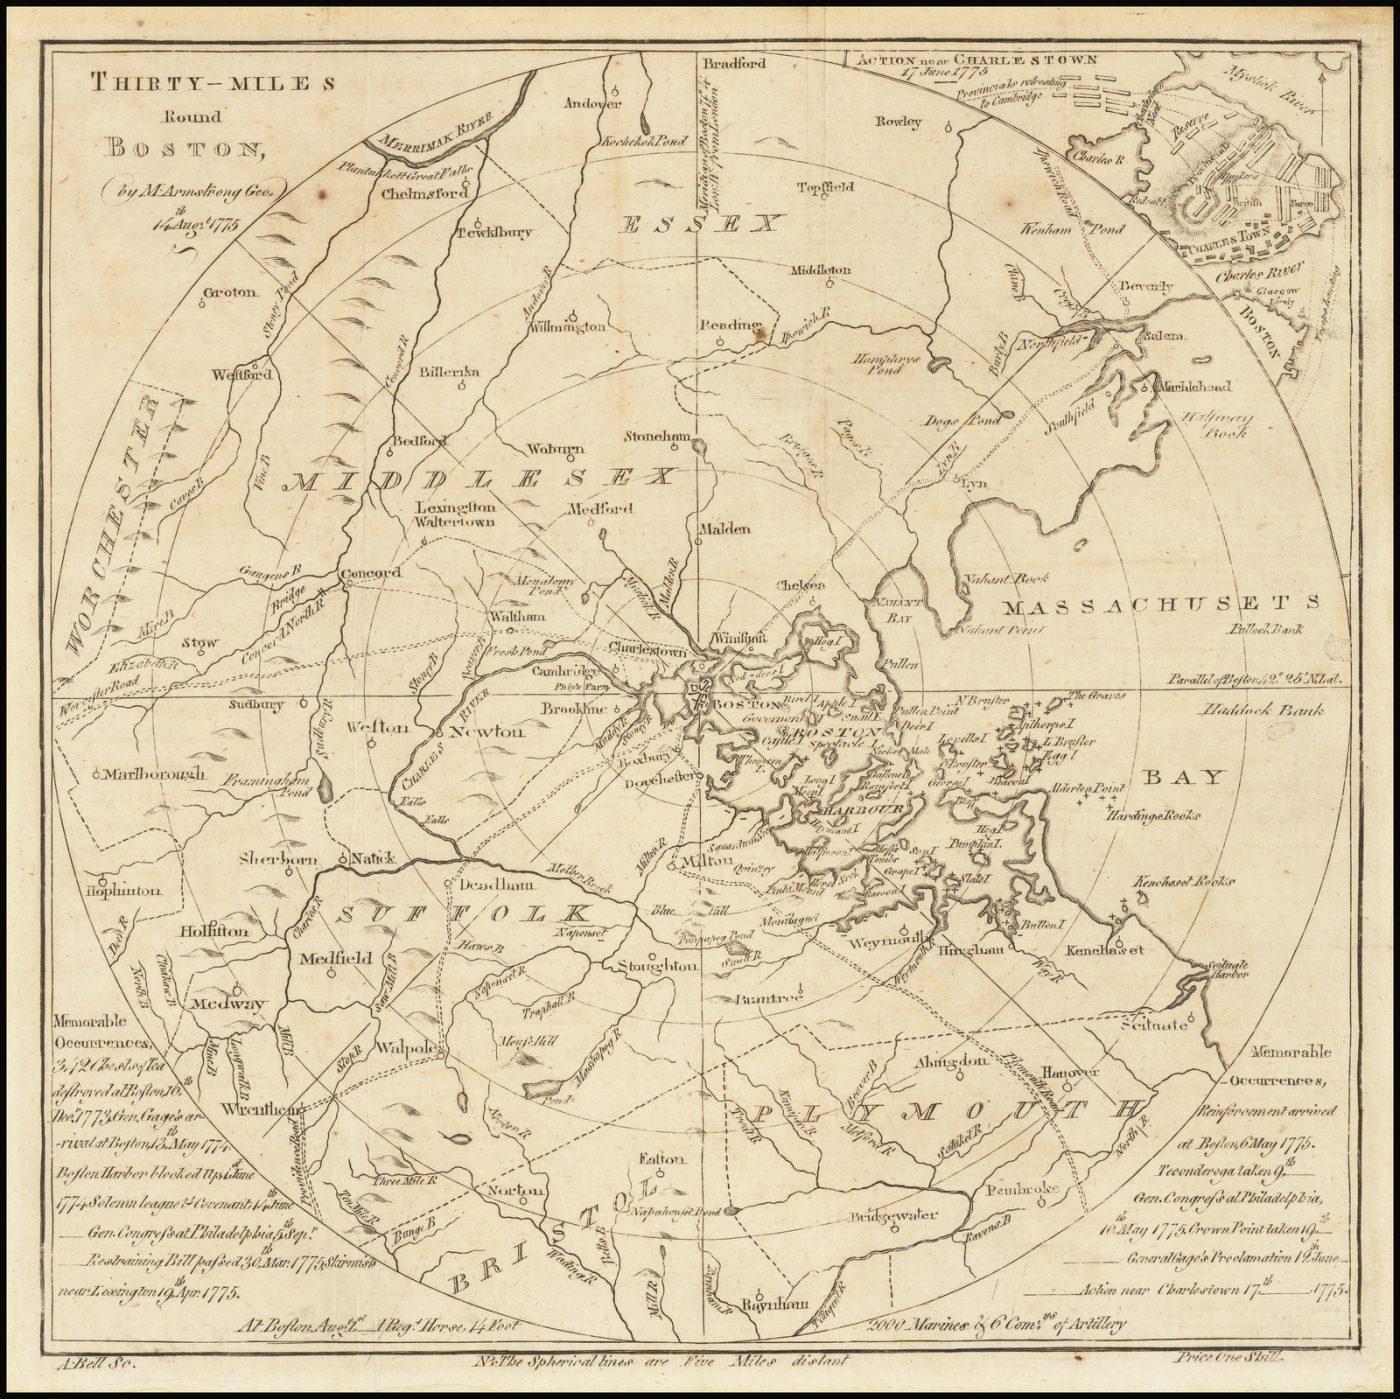 30 миль вокруг Бостона - одна из самых первых американских революционных карт и планов сражений, включая упоминание о Бостонском чаепитии